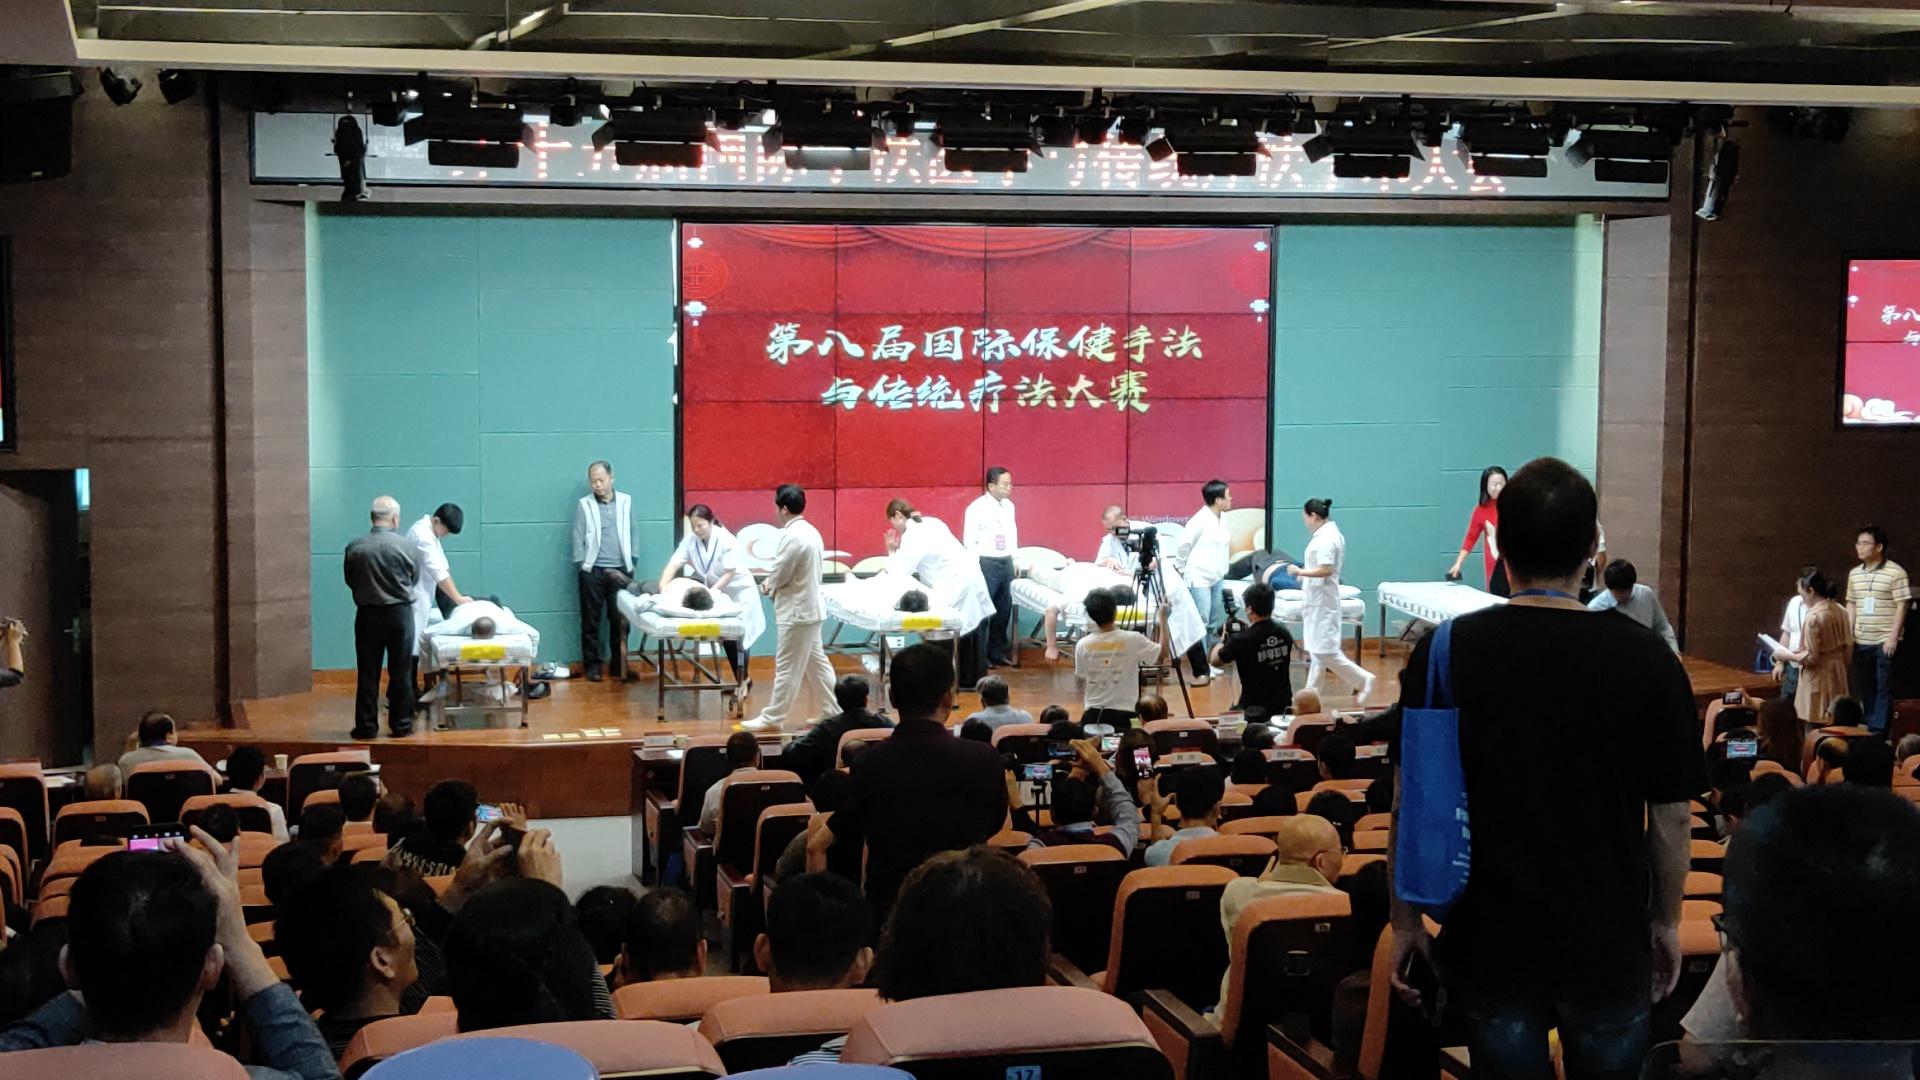 展筋丹药业携平乐学派、秦教授共同参与国际手法医学与传统疗法专病学术大会